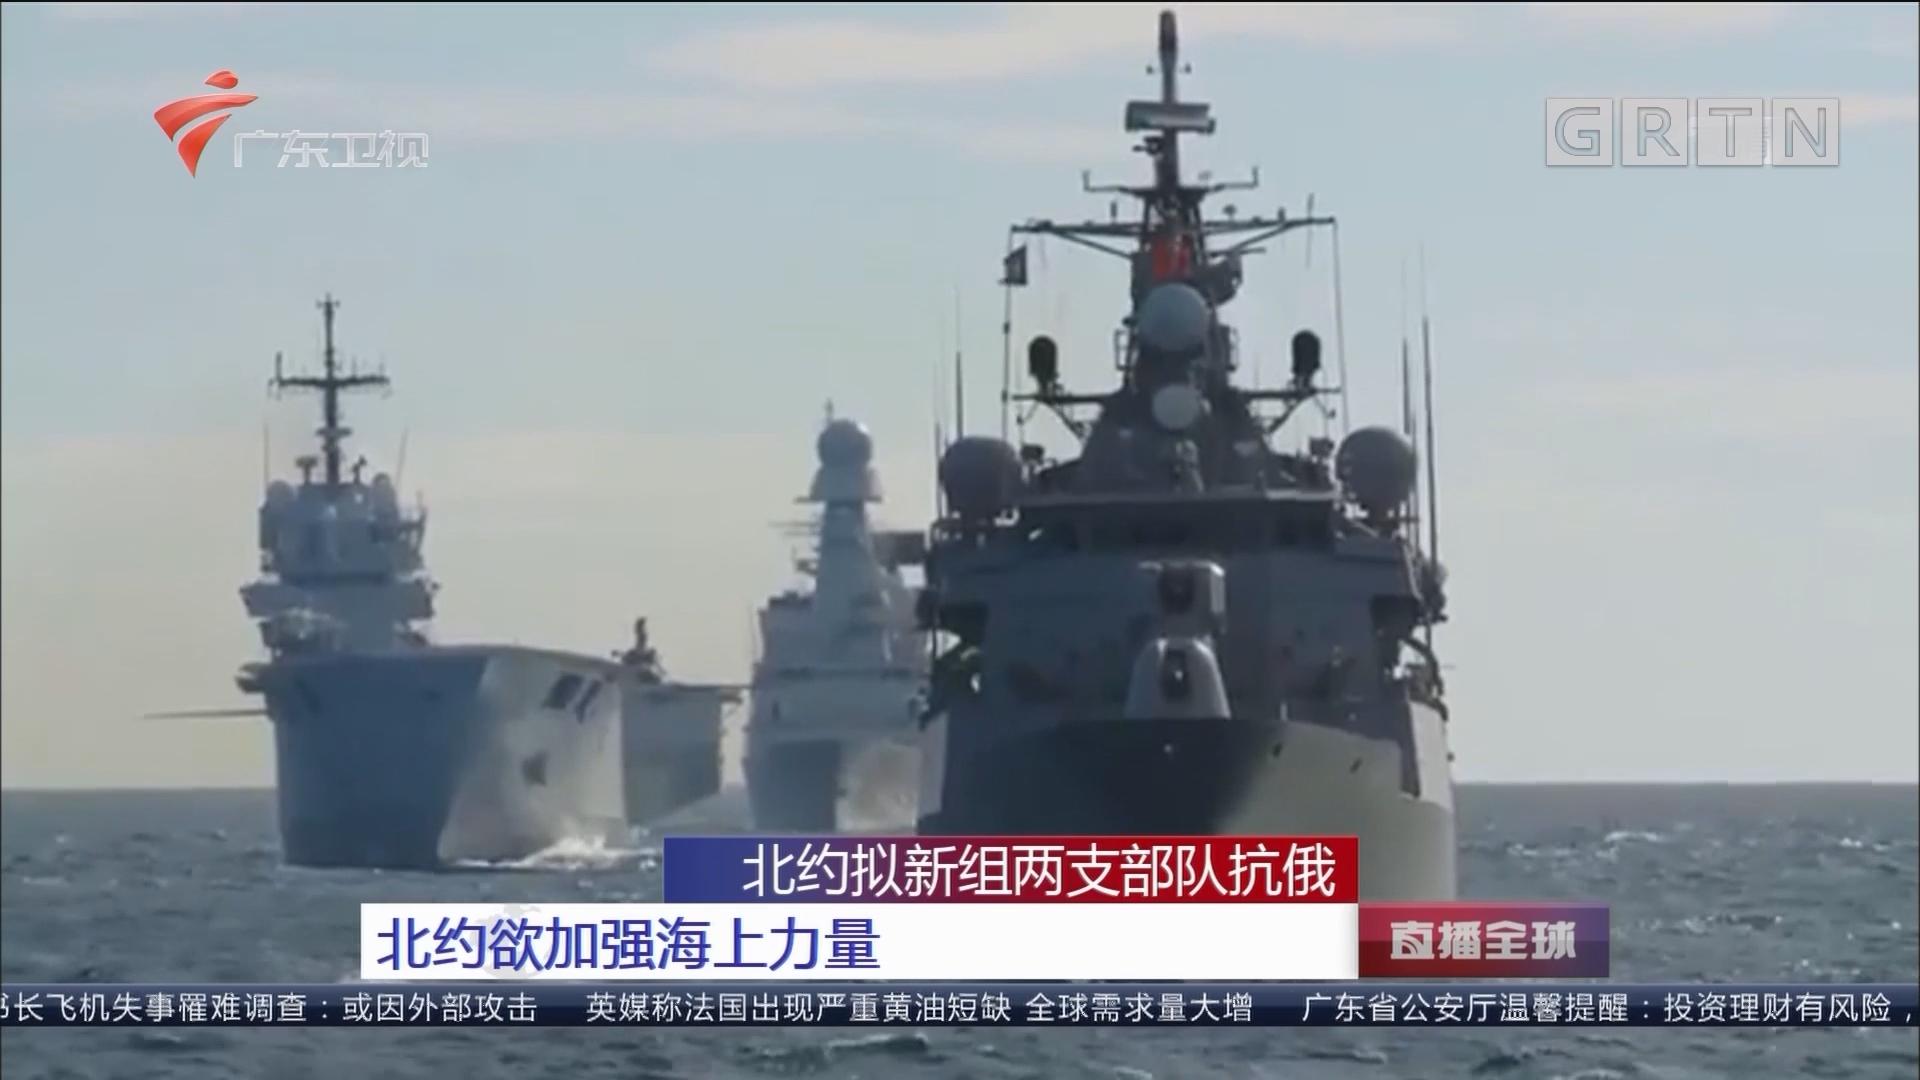 北约拟新组两支部队抗俄:北约欲加强海上力量